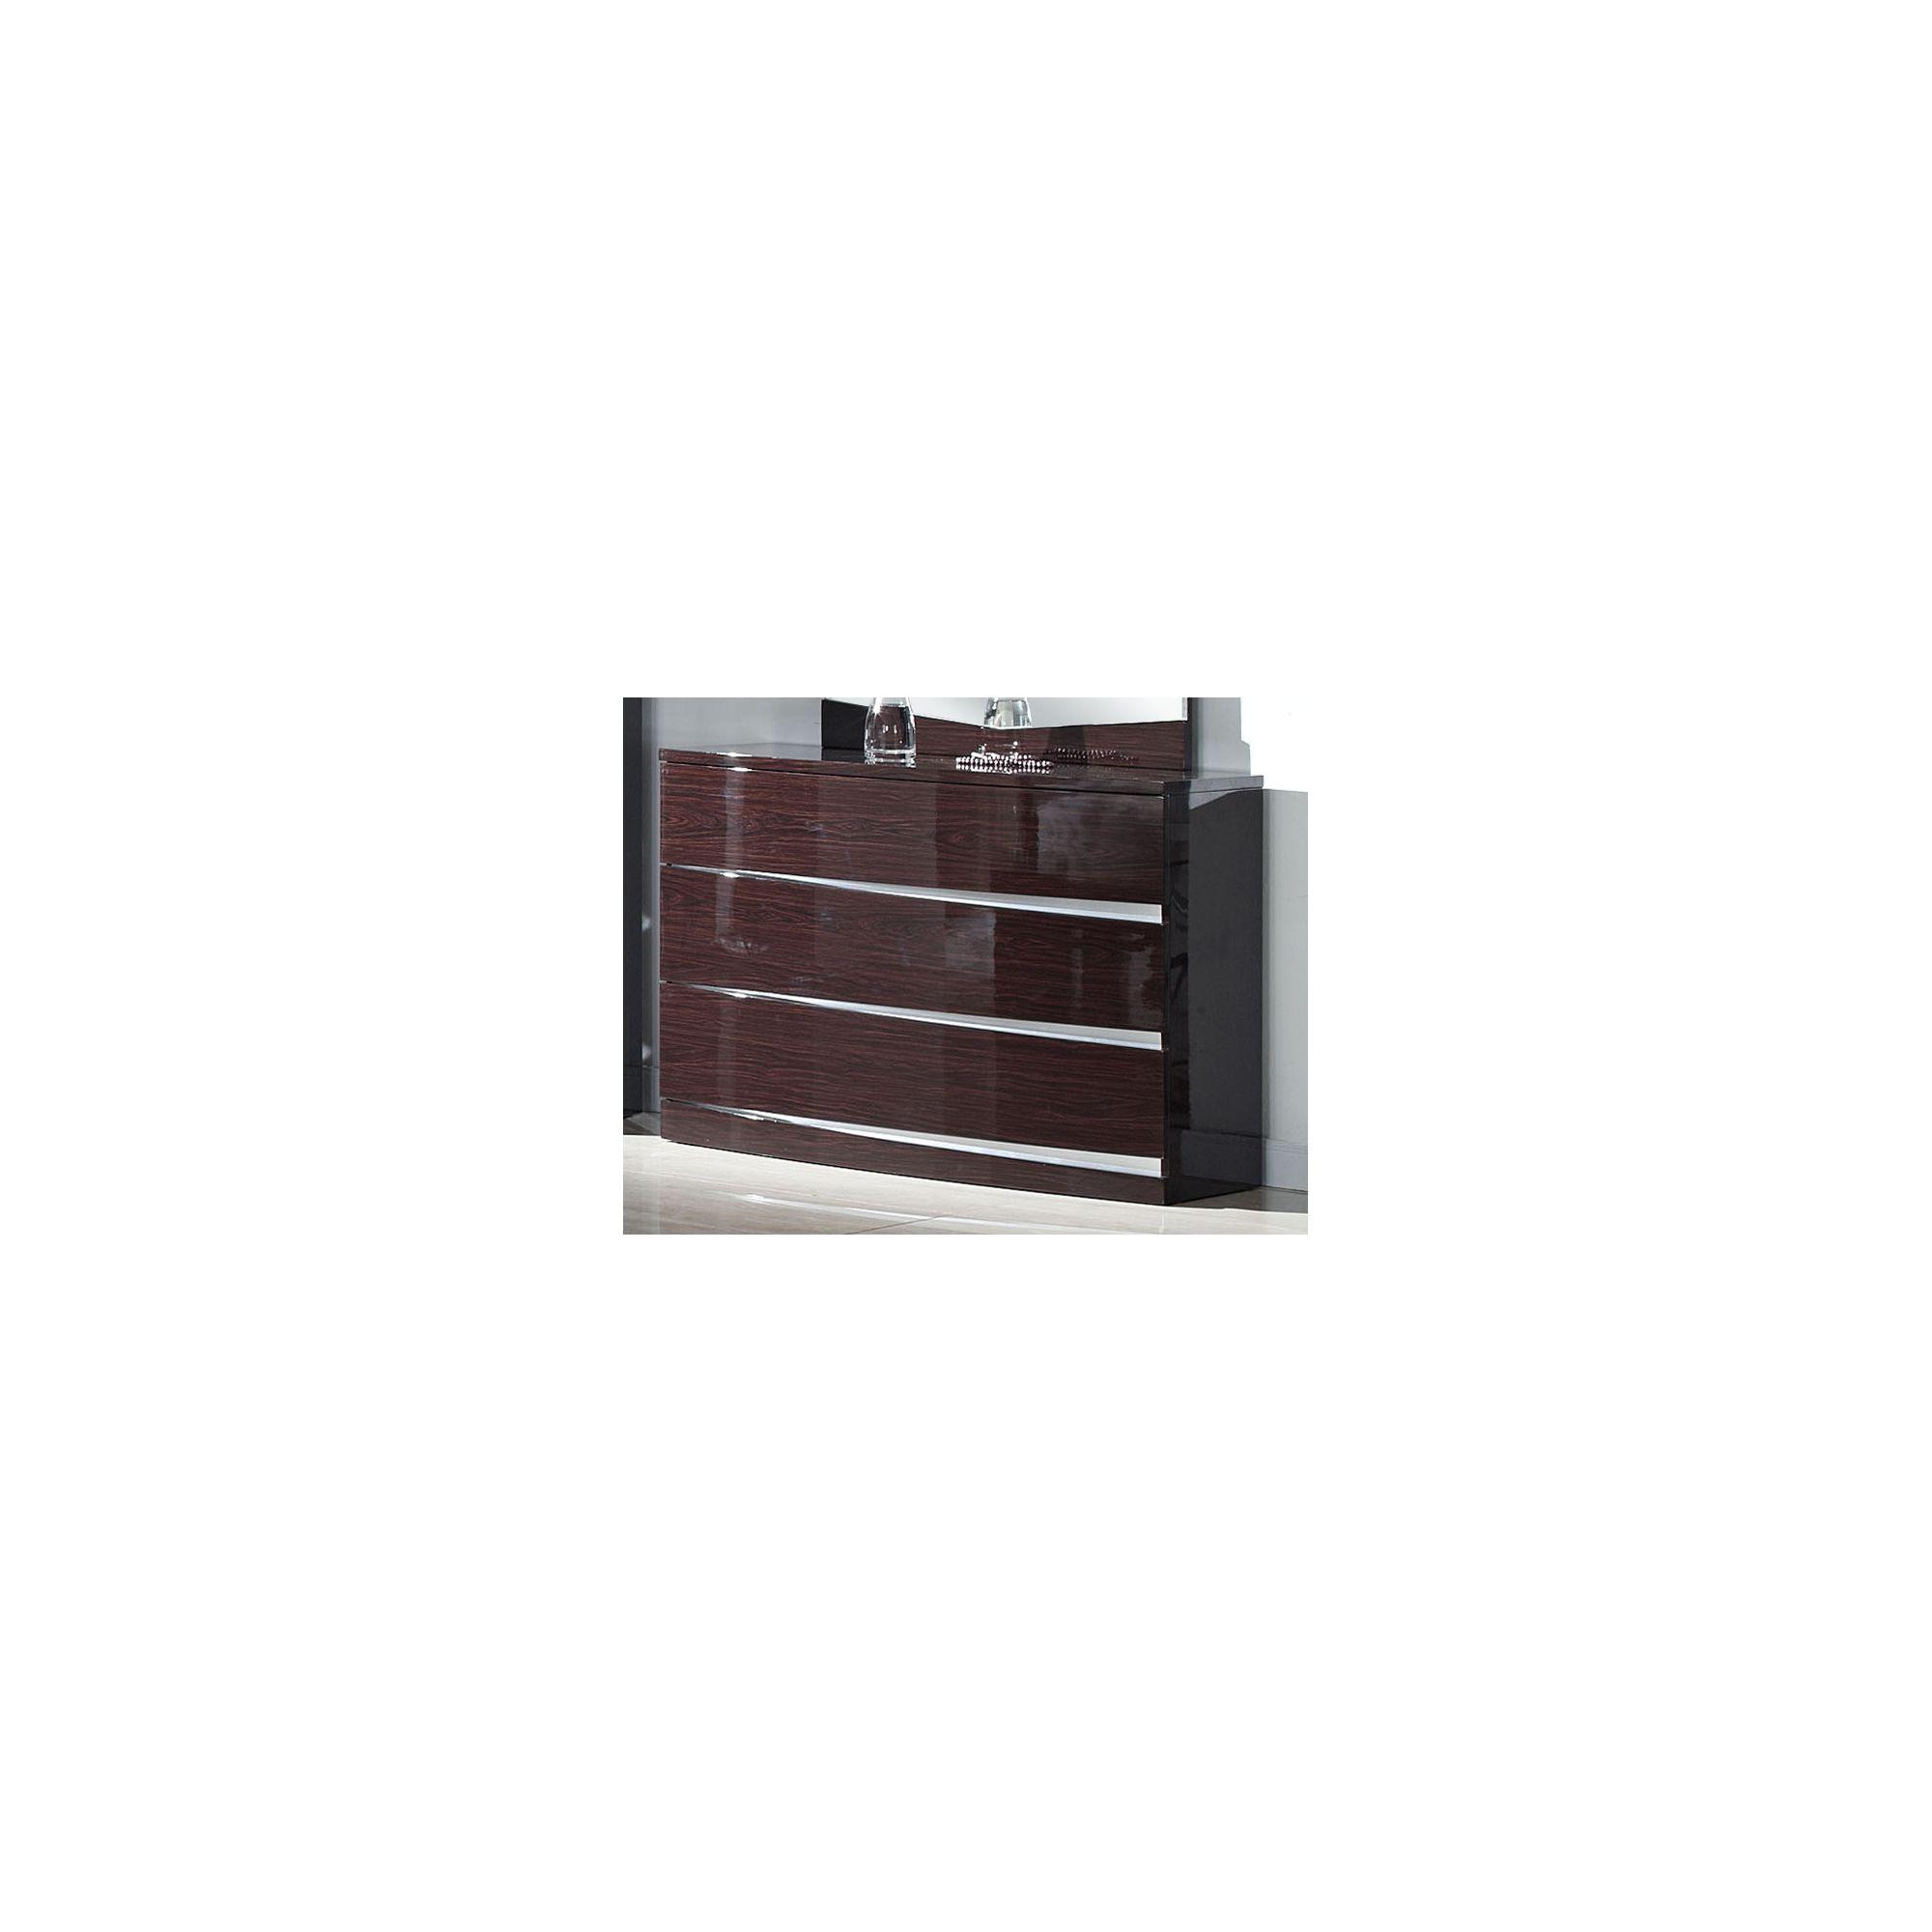 Furniture Link Plaza Dresser - Walnut at Tesco Direct